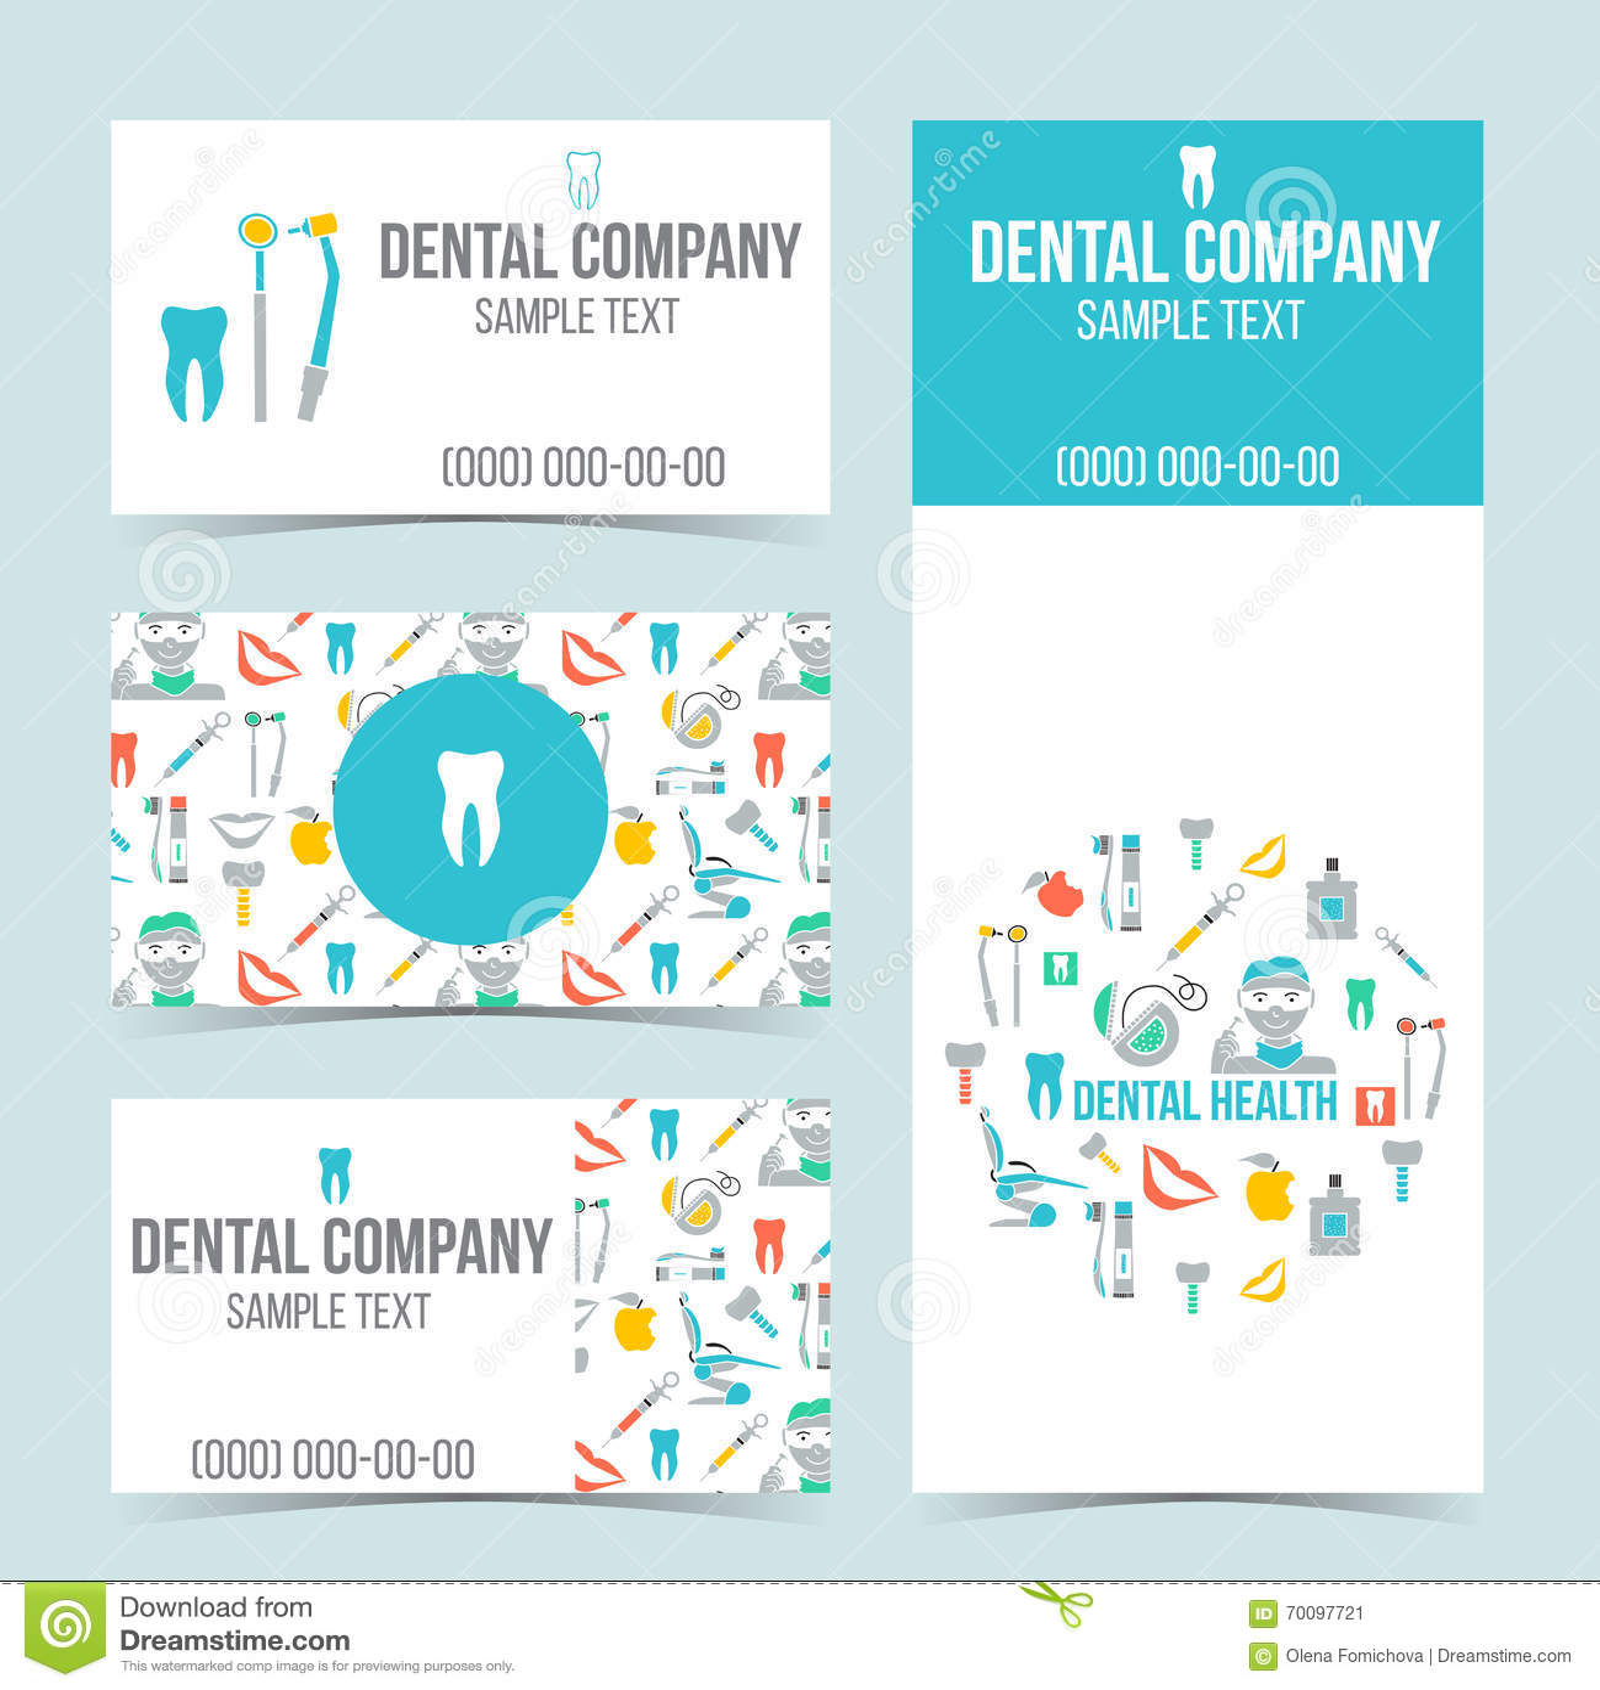 Et De Cartes Visite Professionnelle Pour La Clinique Dentaire Ensemble Produits Promotionnels Conception Plate Illustration Vecteur